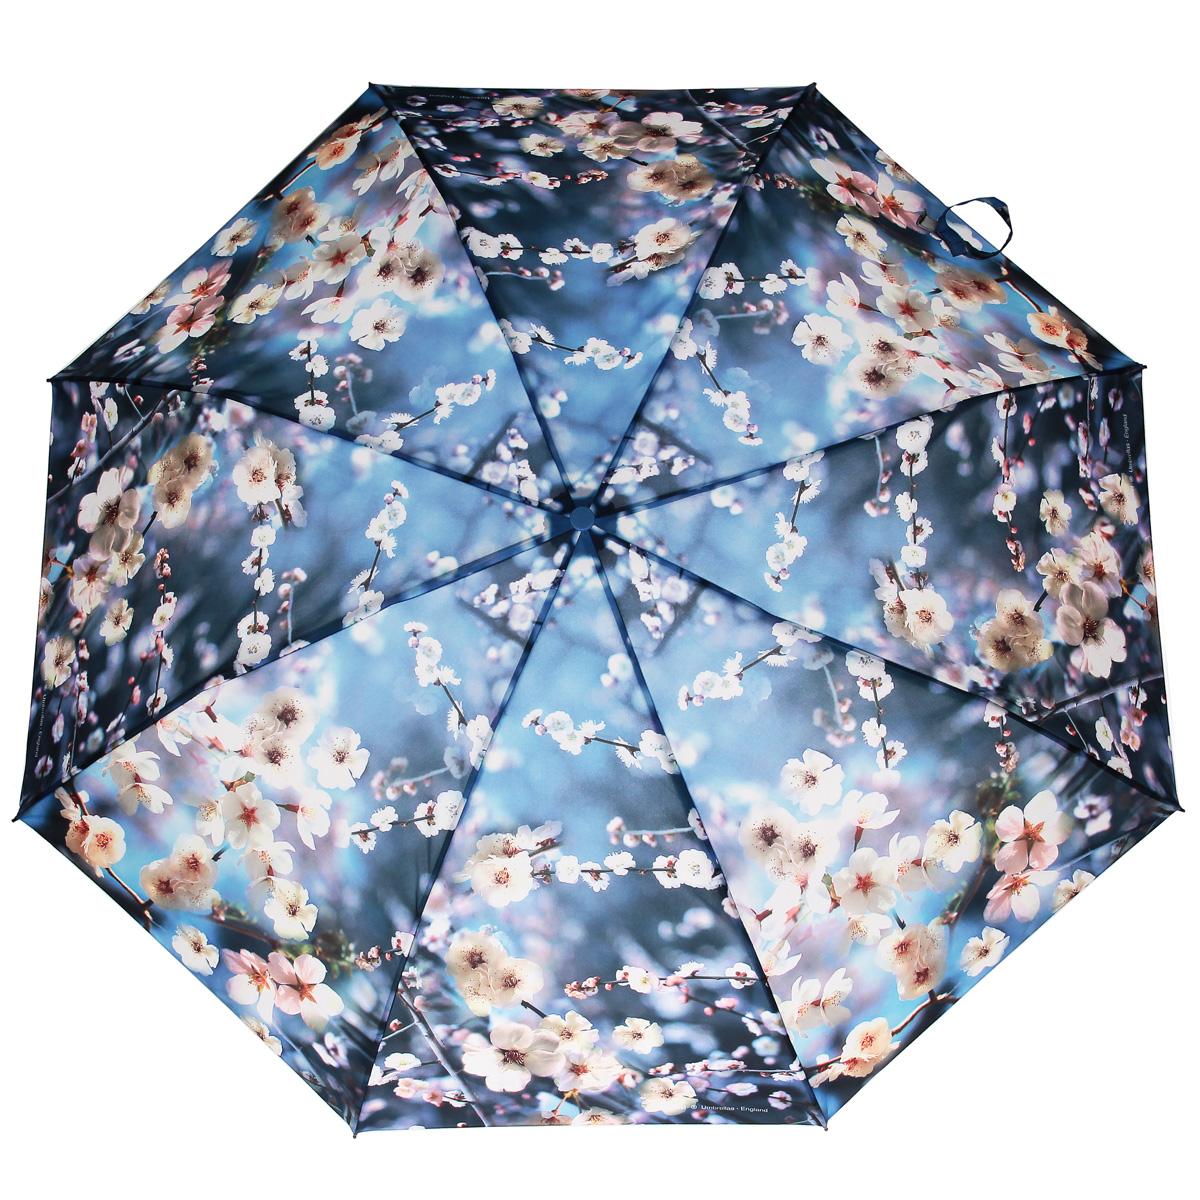 Зонт женский Zest, автомат, 3 сложения, цвет: синий, белый. 23745-117323745-1173Модный автоматический зонт Zest в 3 сложения изготовлен из высокопрочных материалов. Каркас зонта состоит из 8 спиц из фибергласса и прочного алюминиевого стержня. Специальная система Windproof защищает его от поломок во время сильных порывов ветра. Купол зонта выполнен из прочного полиэстера с водоотталкивающей пропиткой и оформлен цветочным принтом. Используемые высококачественные красители обеспечивают длительное сохранение свойств ткани купола. Рукоятка, разработанная с учетом требований эргономики, выполнена из пластика синего цвета. Зонт имеет полный автоматический механизм сложения: купол открывается и закрывается нажатием кнопки на рукоятке, стержень складывается вручную до характерного щелчка. Благодаря этому открыть и закрыть зонт можно одной рукой, что чрезвычайно удобно при входе в транспорт или помещение. Небольшой шнурок, расположенный на рукоятке, позволяет надеть изделие на руку при необходимости. Модель закрывается при помощи ремня на липучке. К зонту...